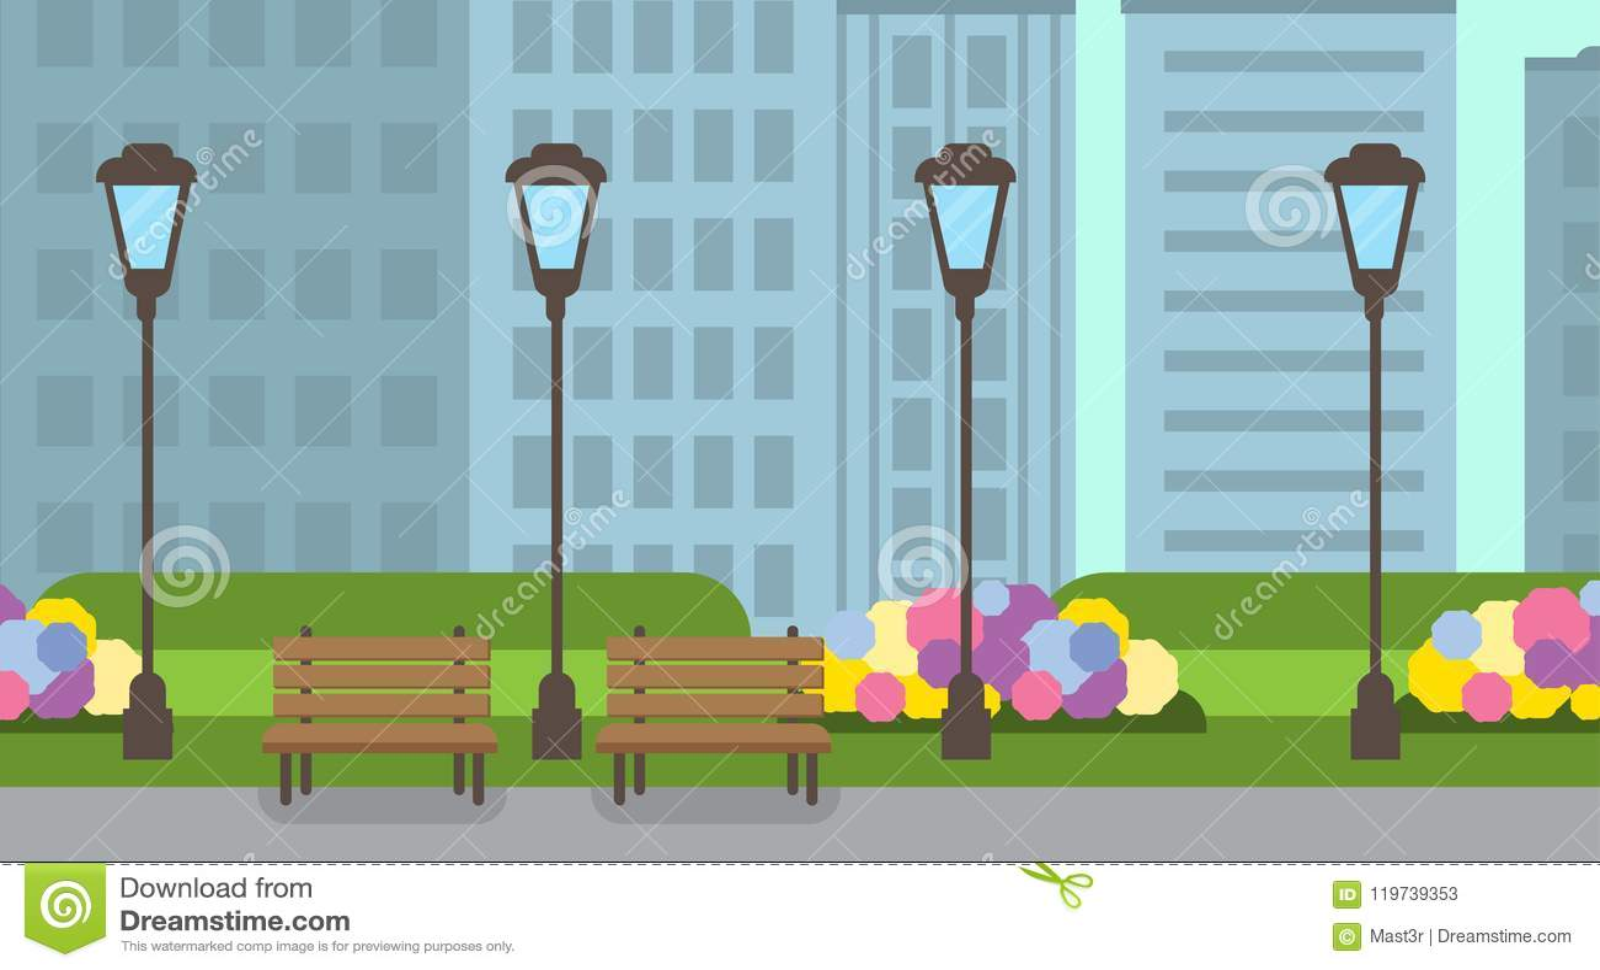 El césped del verde de la lámpara de calle del banco de madera del parque de la ciudad florece la bandera plana del fondo del pai